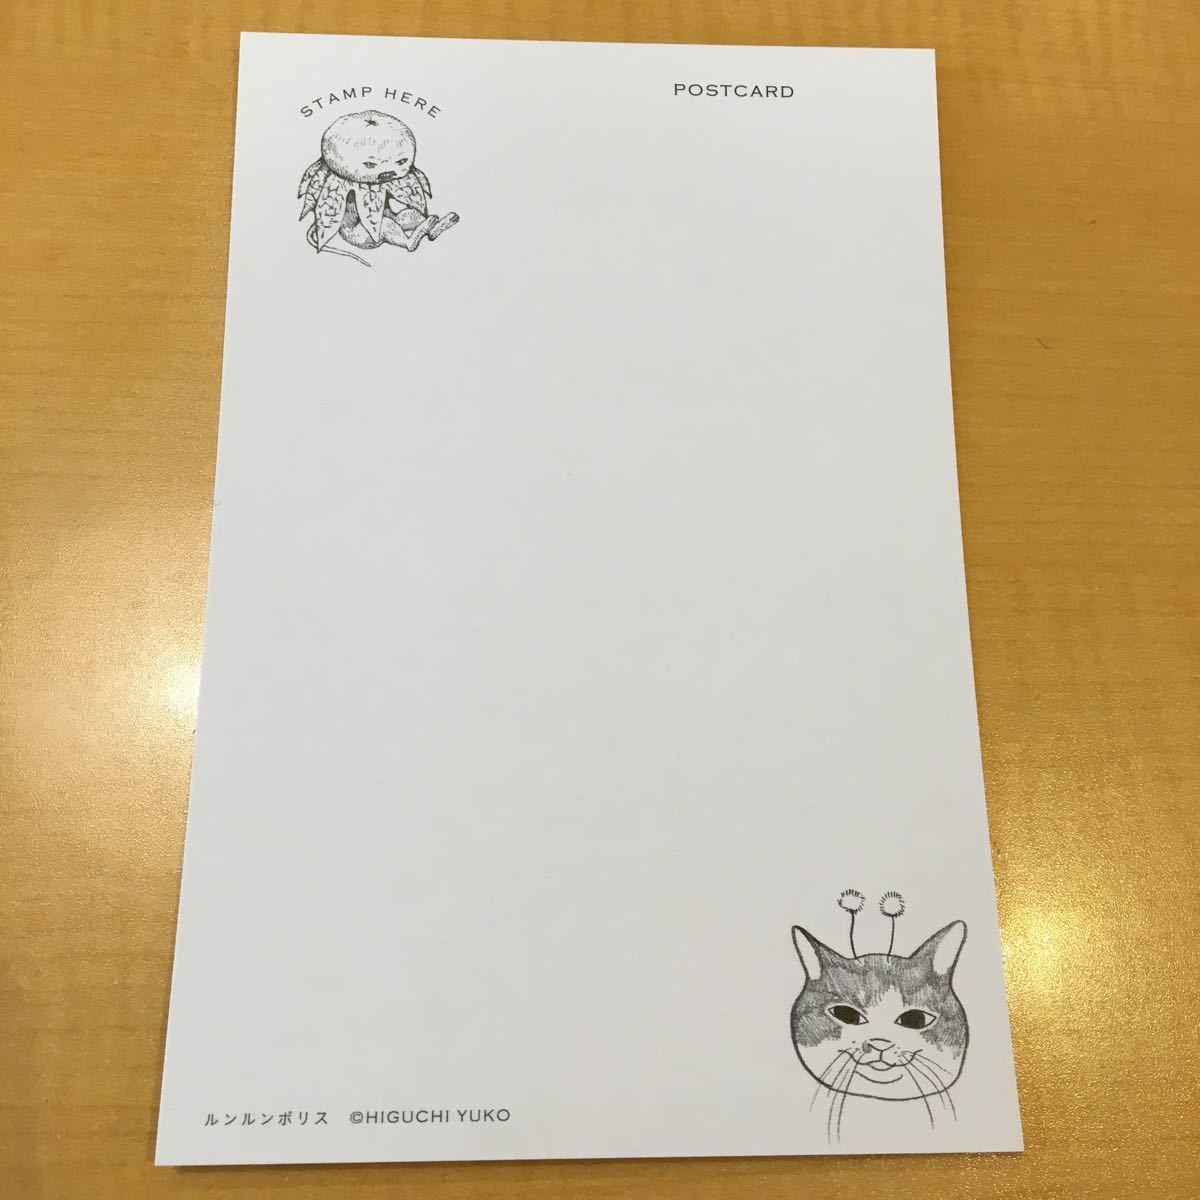 ヒグチユウコ ネコ ポストカード 葉書 ハガキ はがき メッセージカード 猫 ねこ 動物 35_画像2